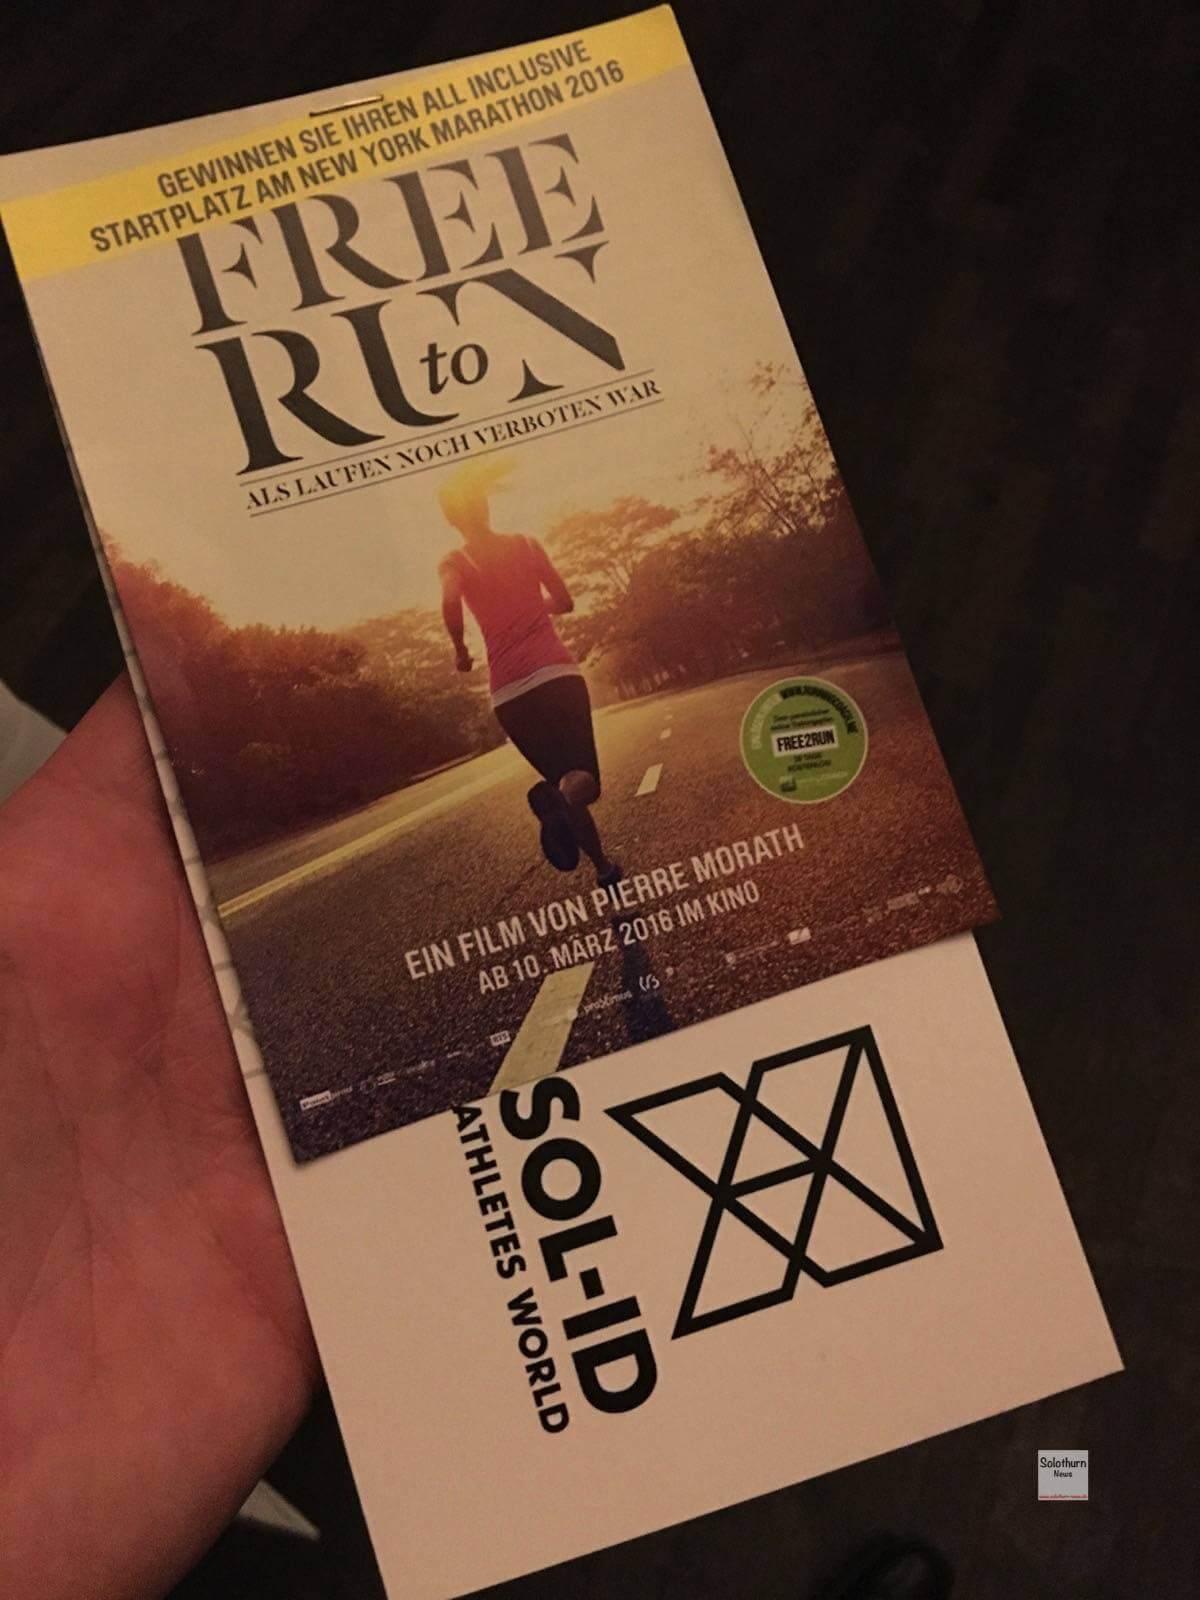 Free to run Filmpremiere und ein jähriges Bestehen von SOL-ID